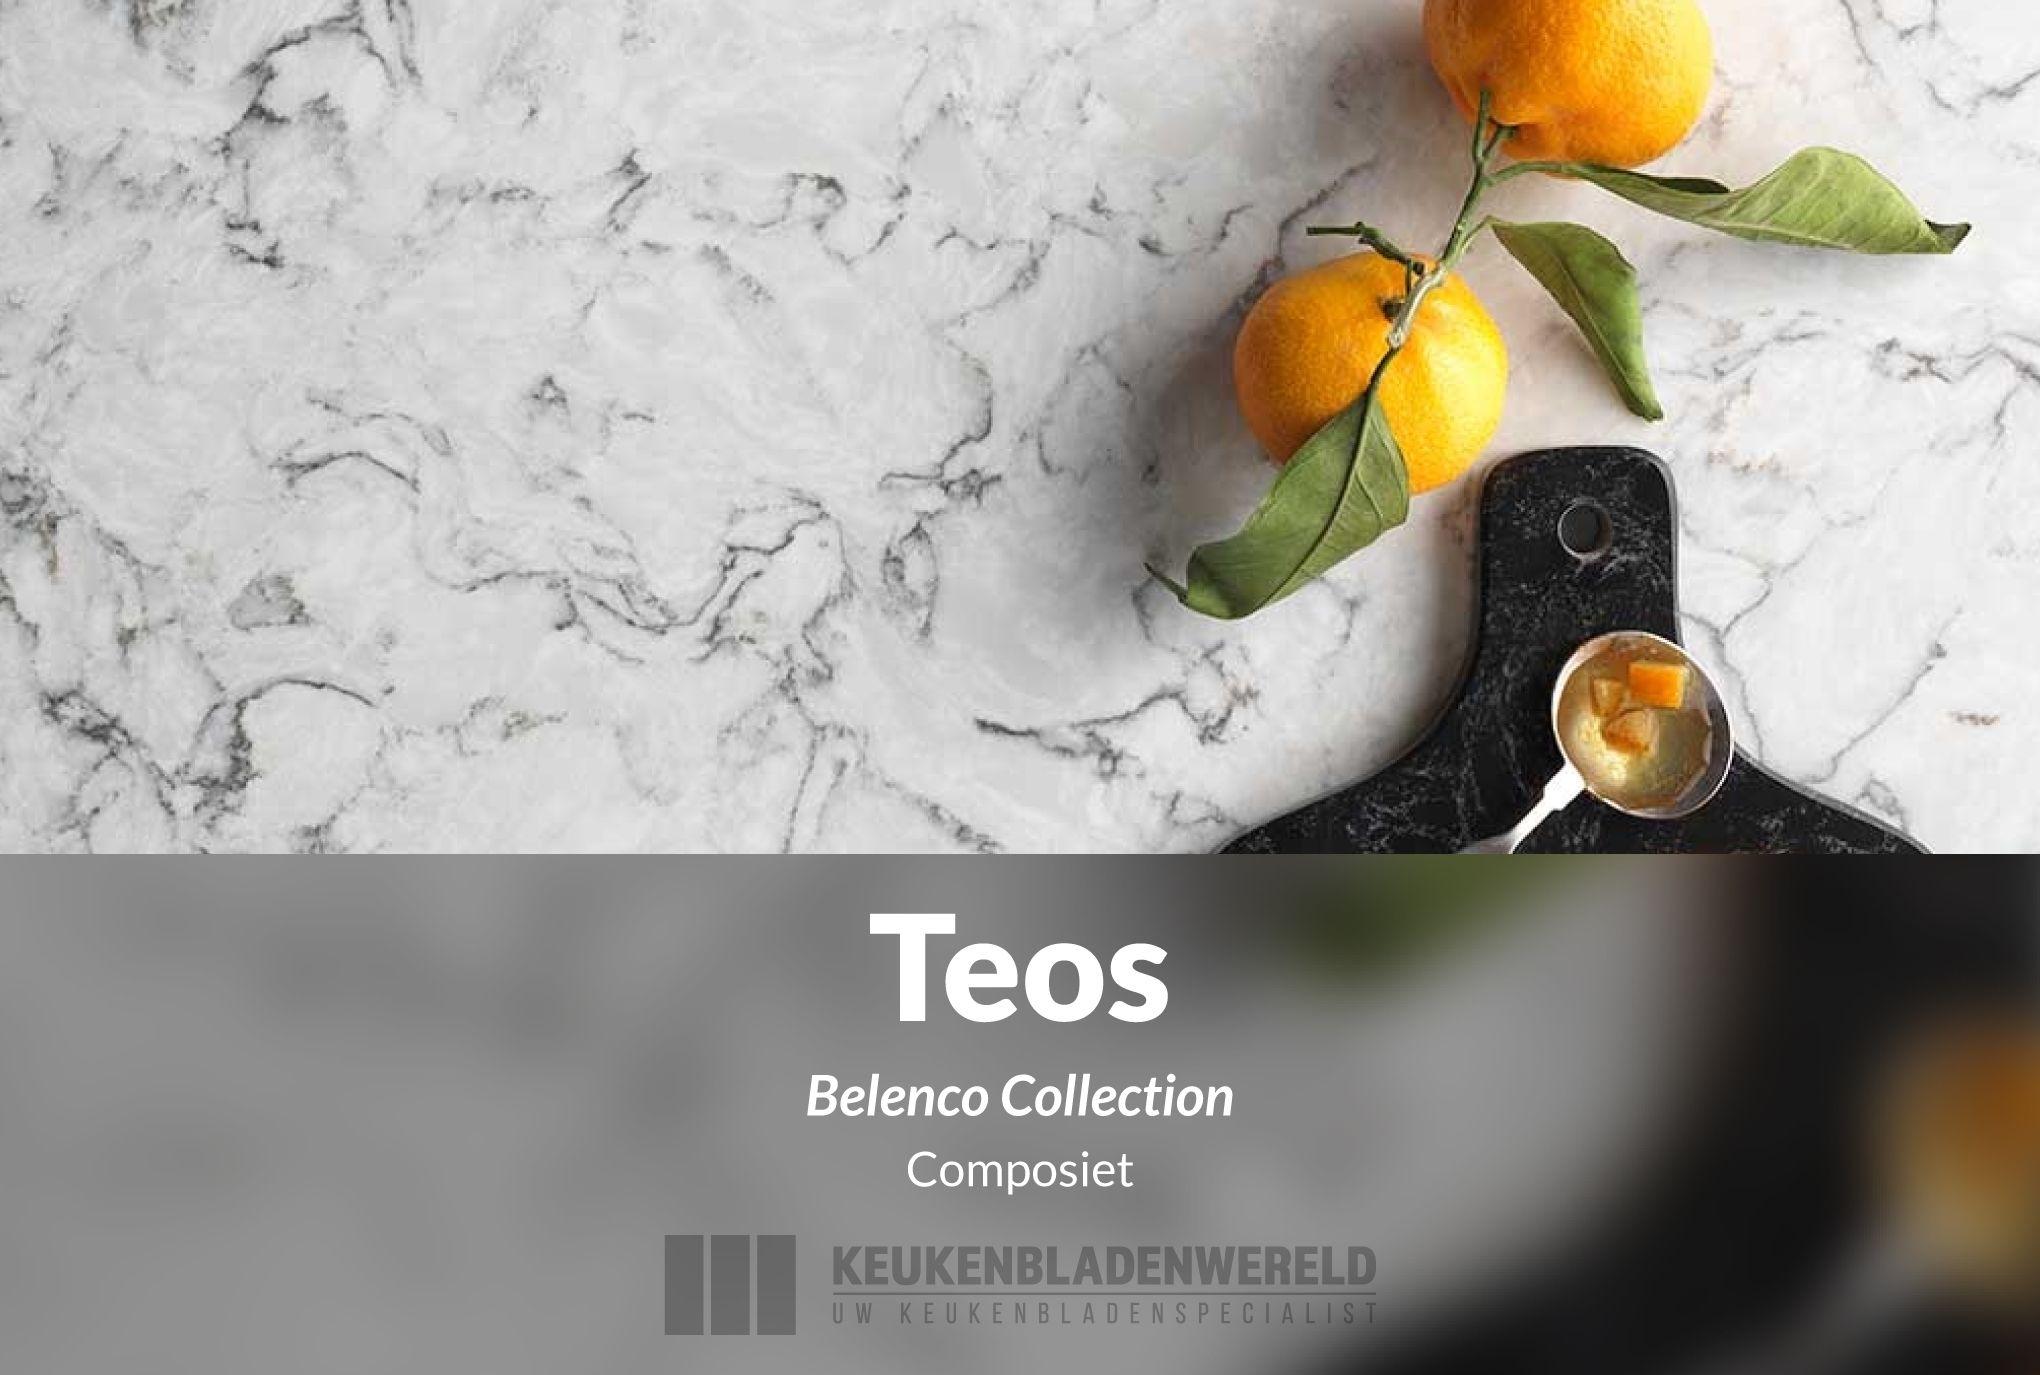 De Teos uit de Belenco Collection is een prachtig